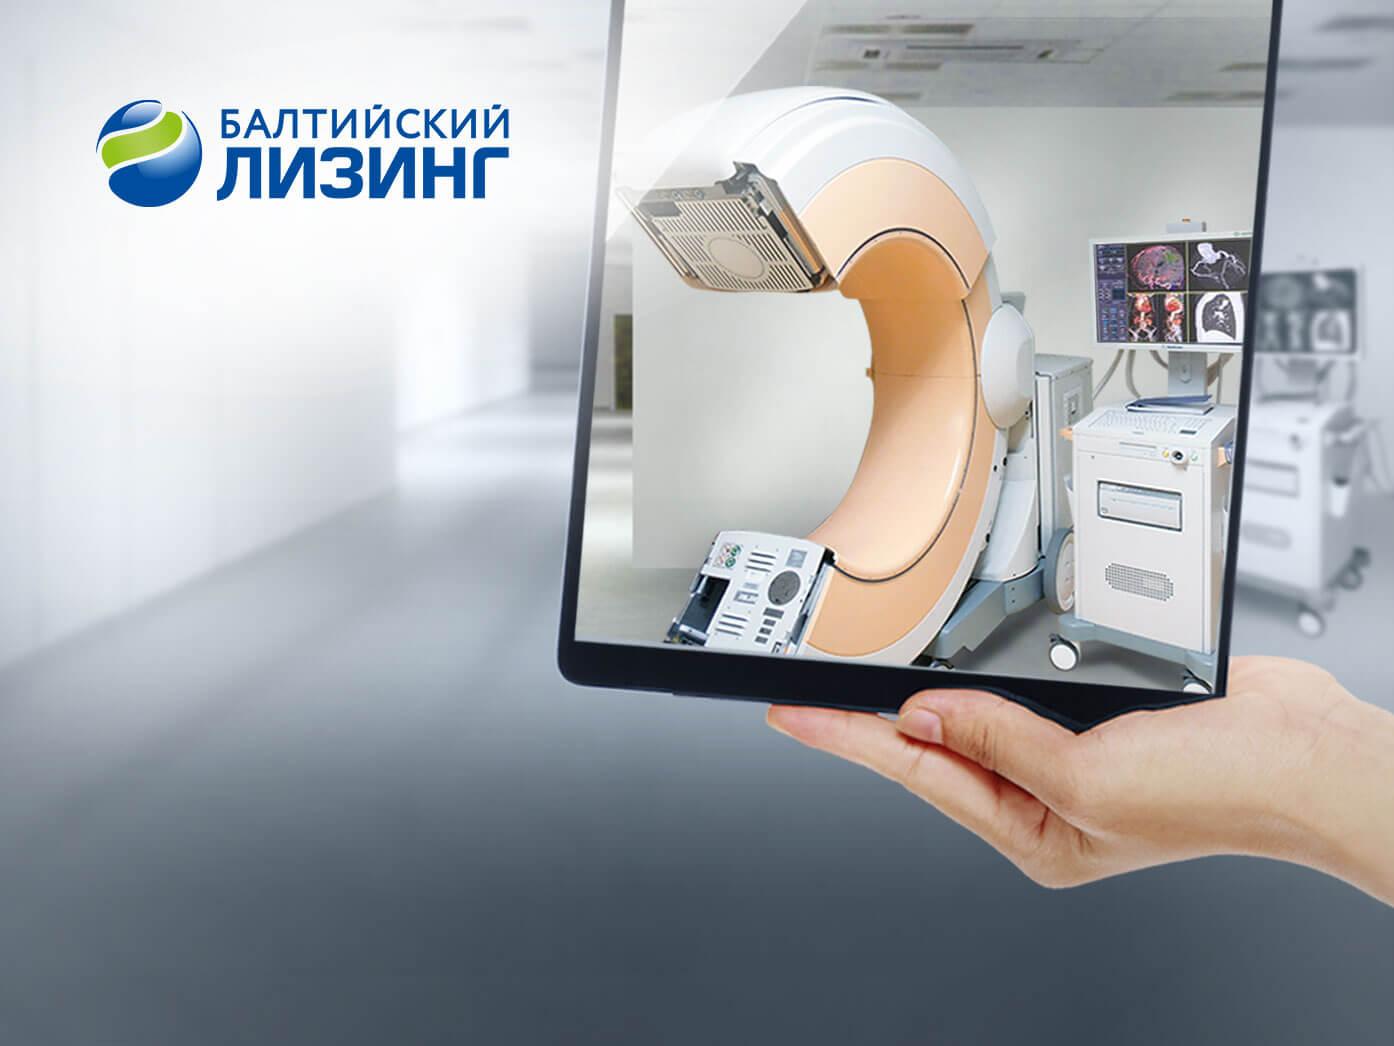 Объем нового бизнеса «Балтийского лизинга» в сегменте медоборудования вырос почти в 3 раза